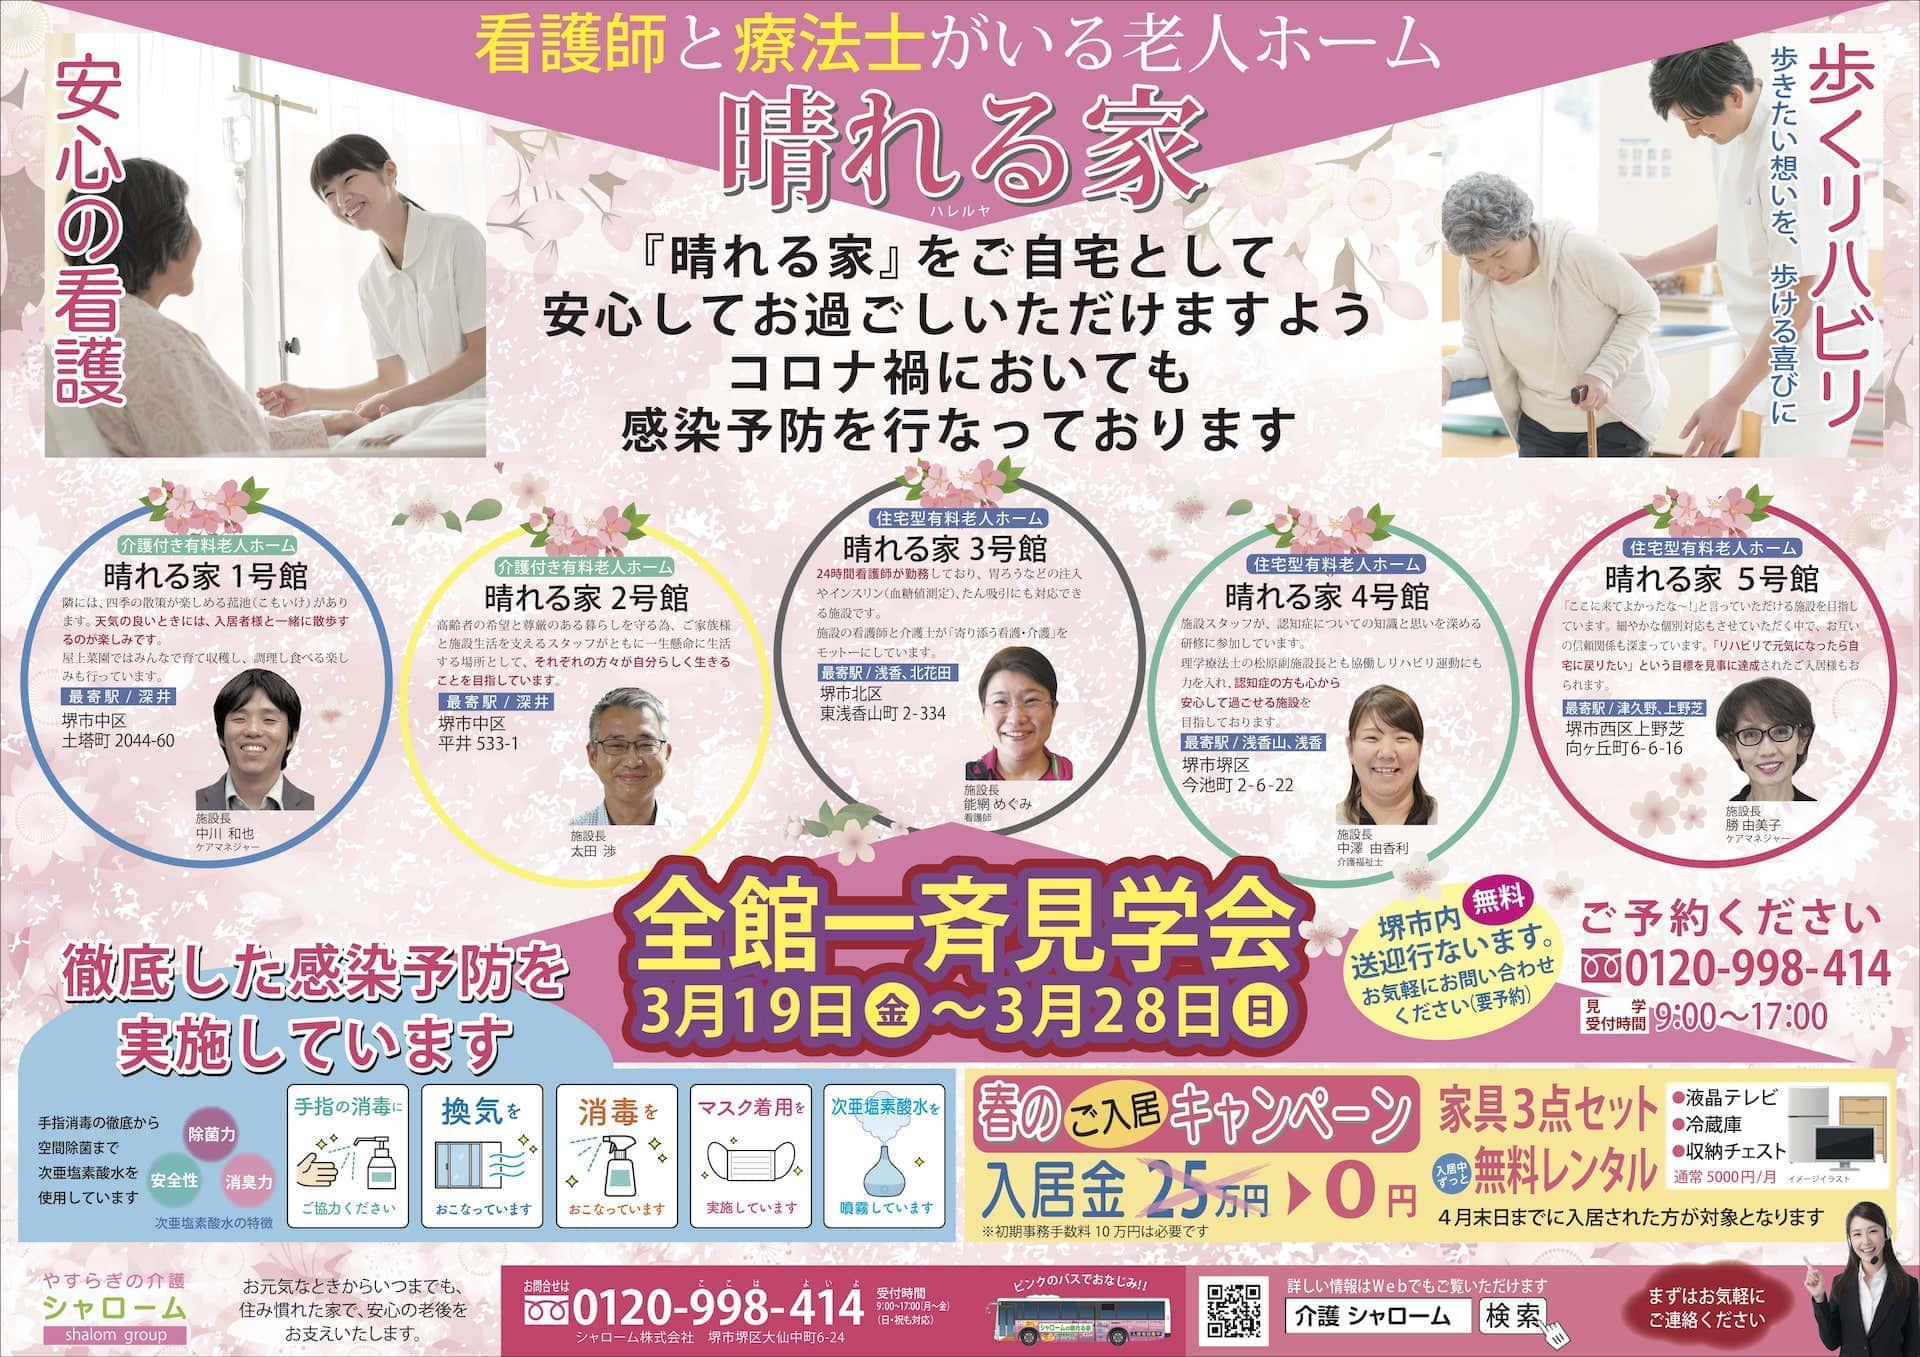 堺市の老人ホーム 晴れる家 見学会 2021年3月